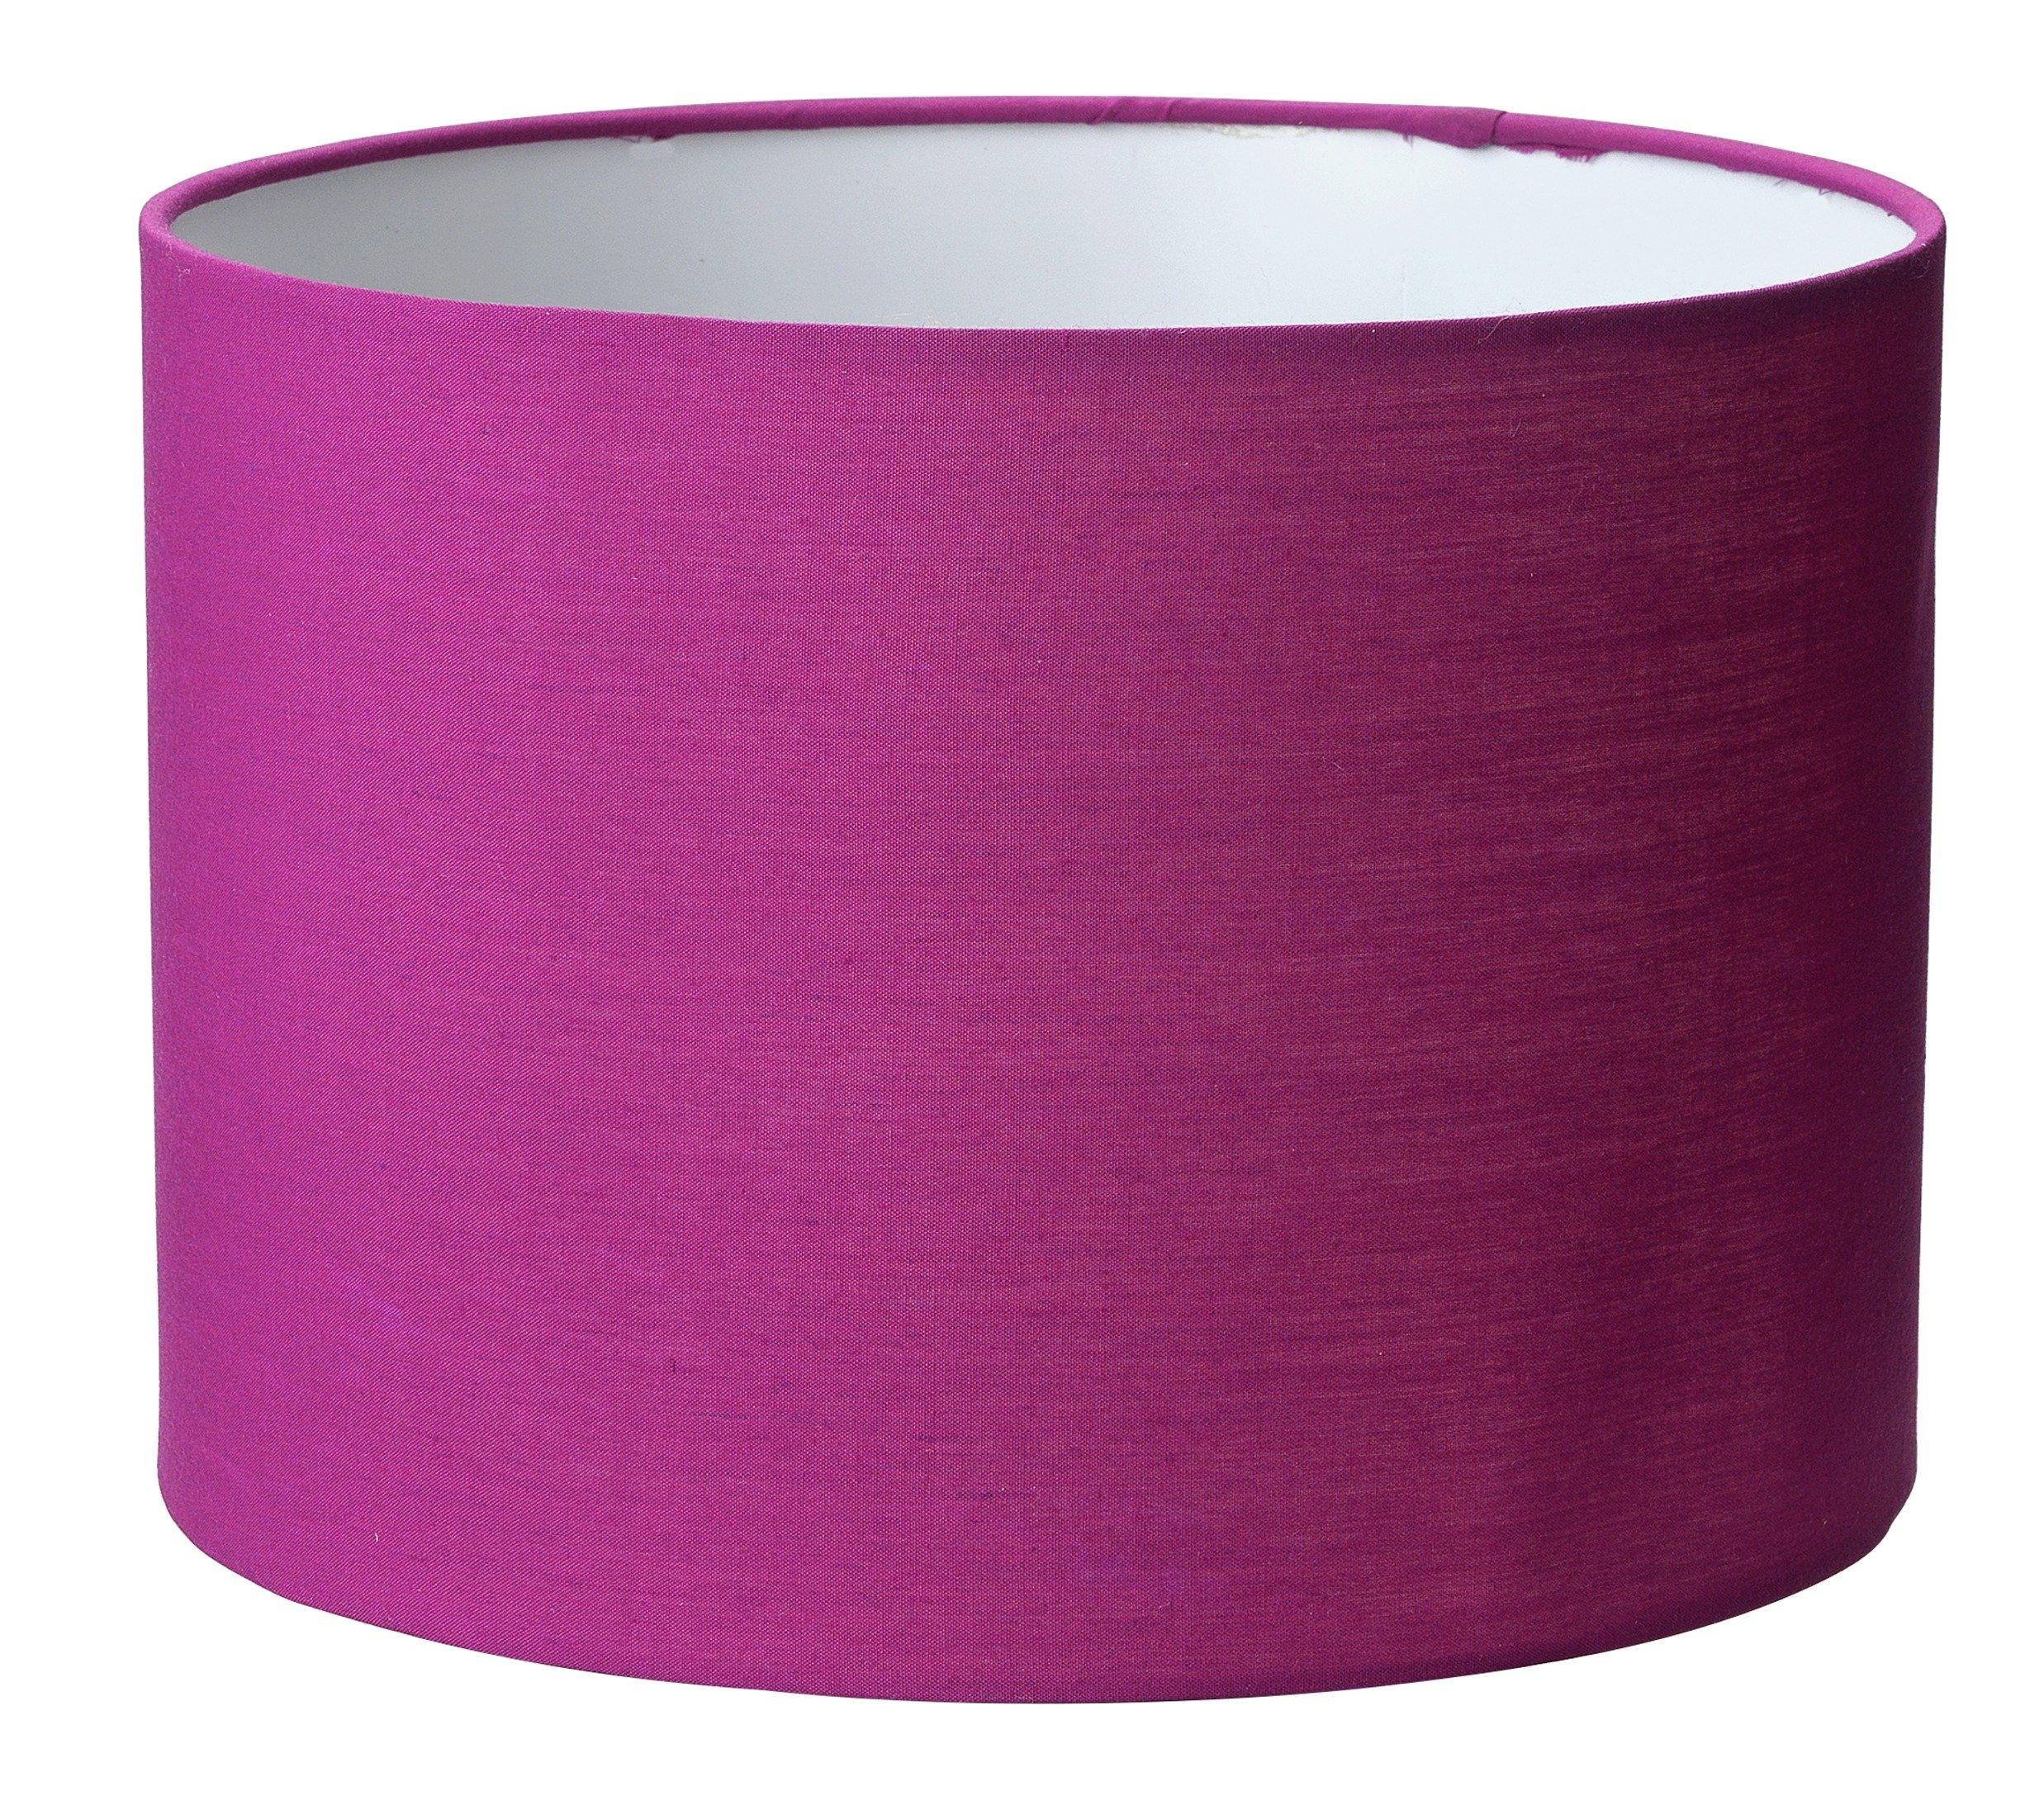 colourmatch drum light shade grape 6991395 argos. Black Bedroom Furniture Sets. Home Design Ideas